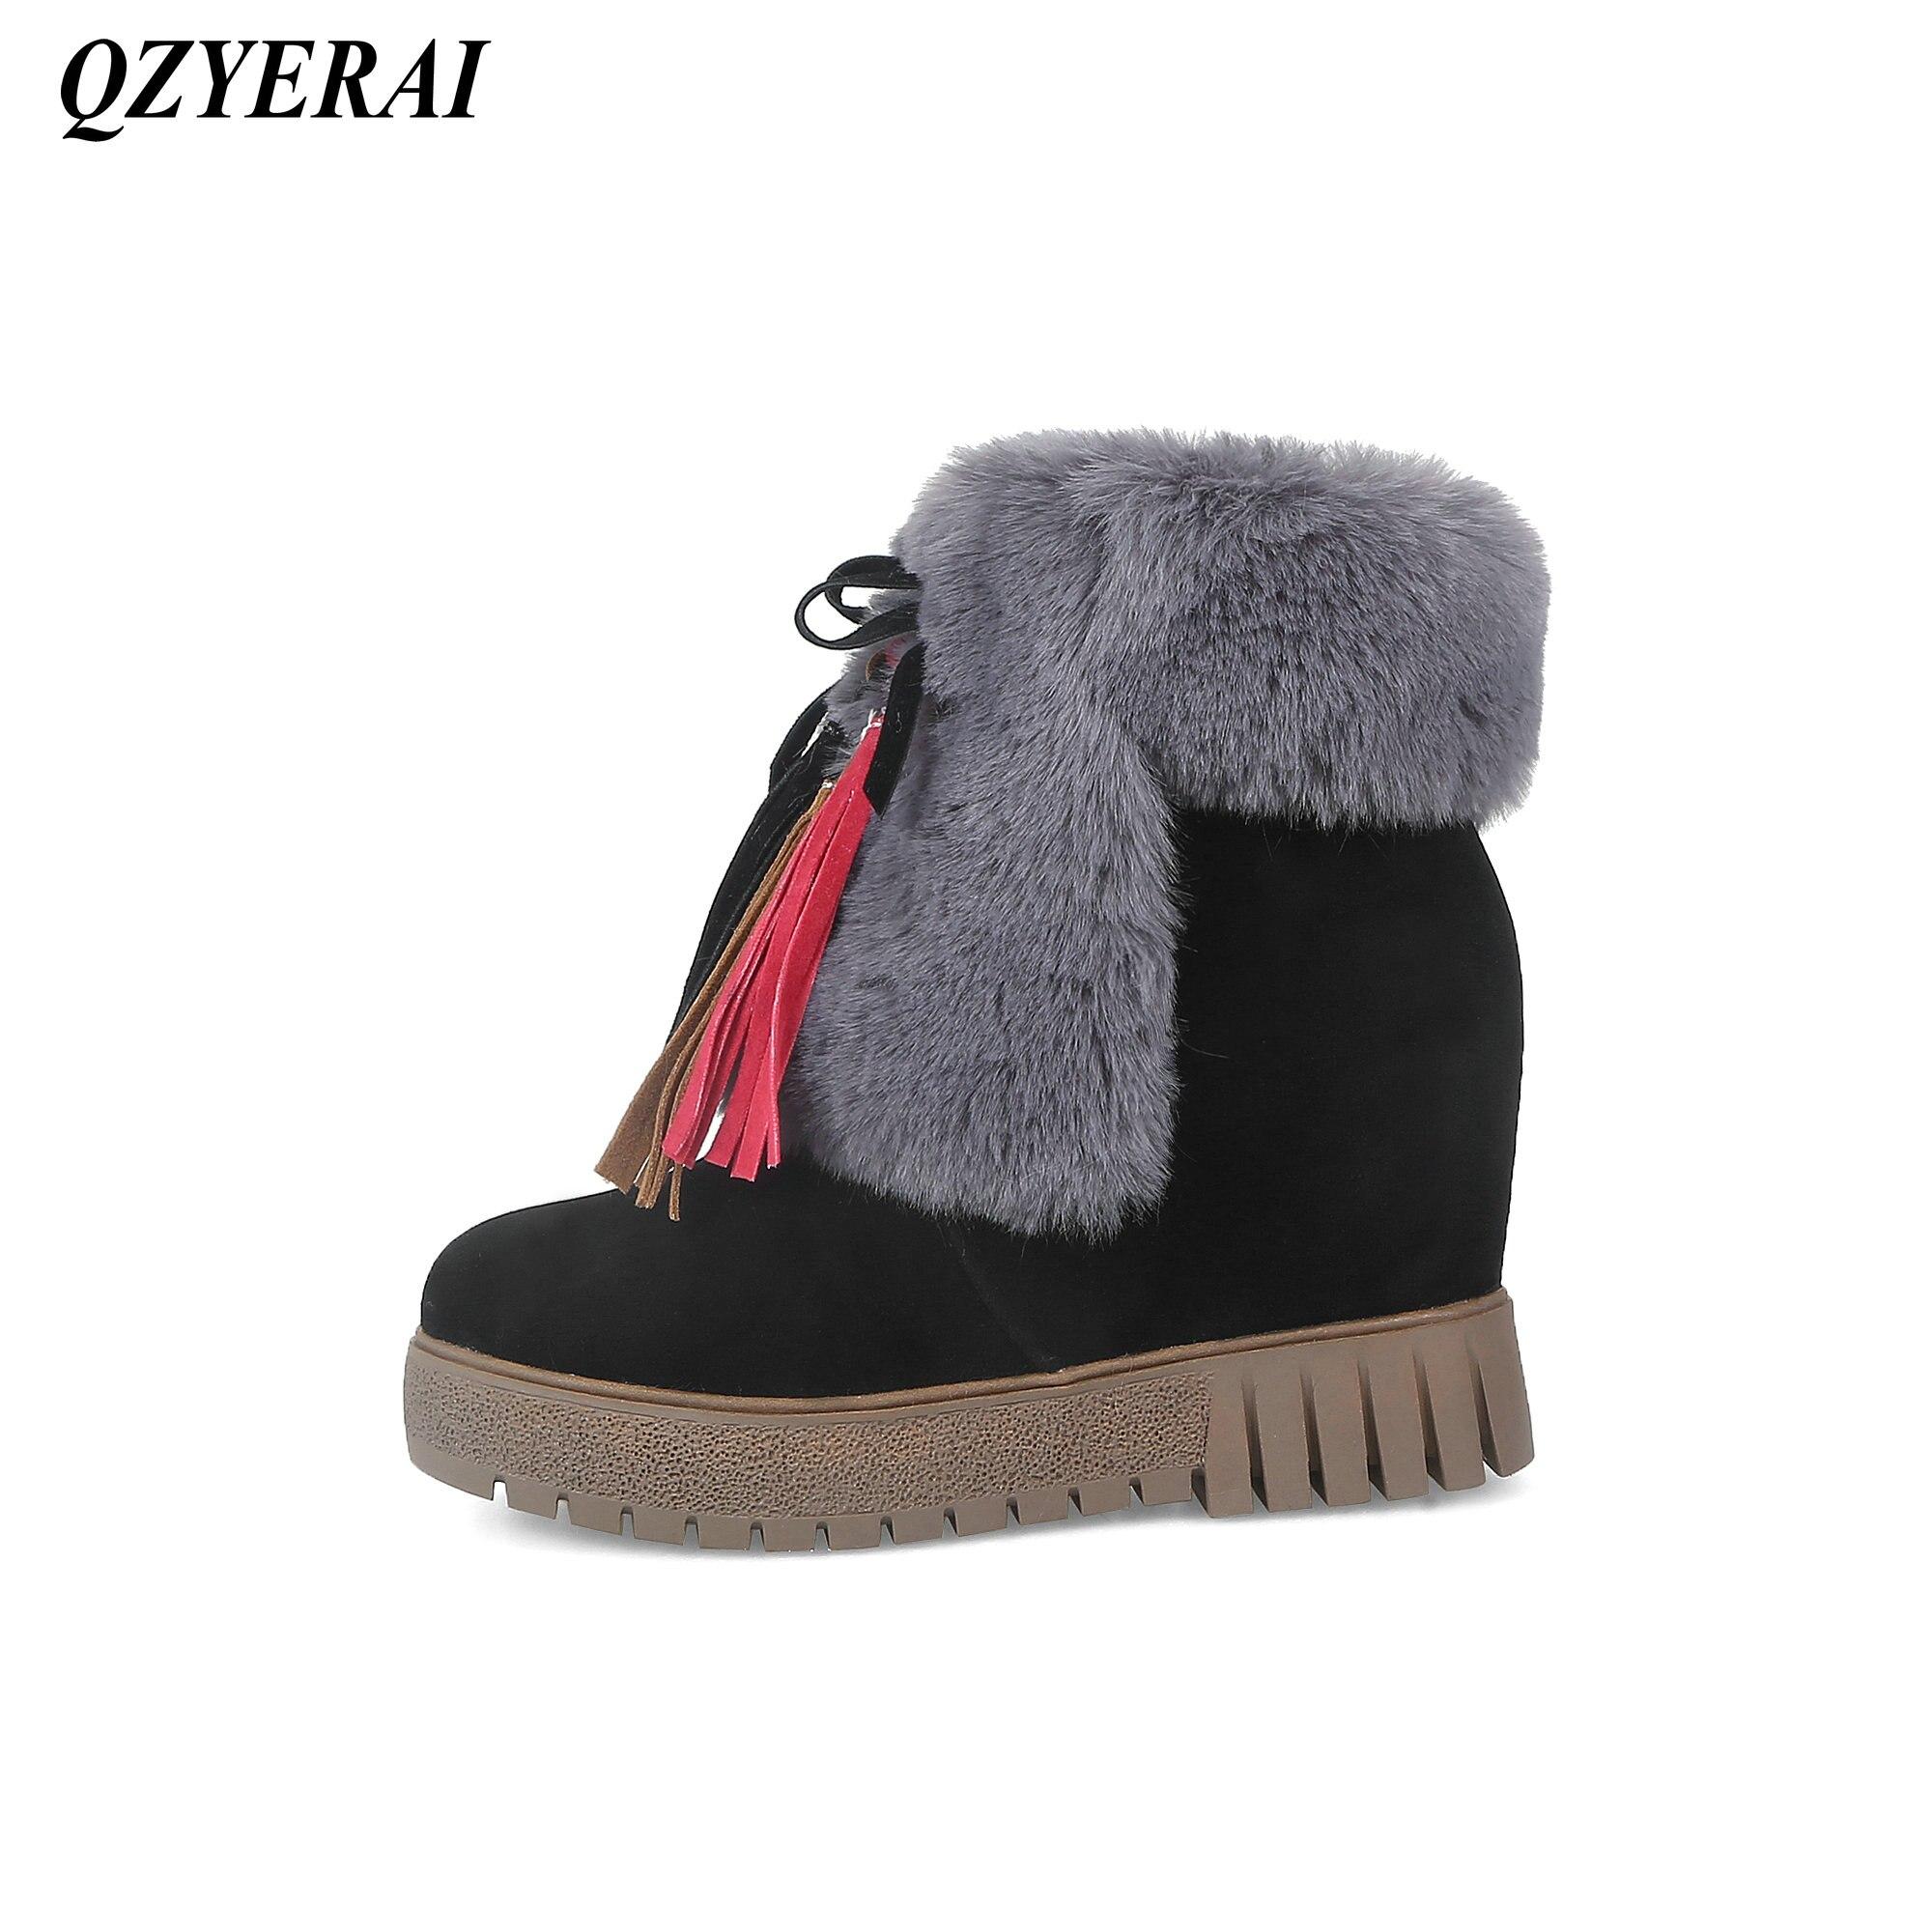 QZYERAI Winter super warm ladies inside height snow boots fashion font b womens b font font